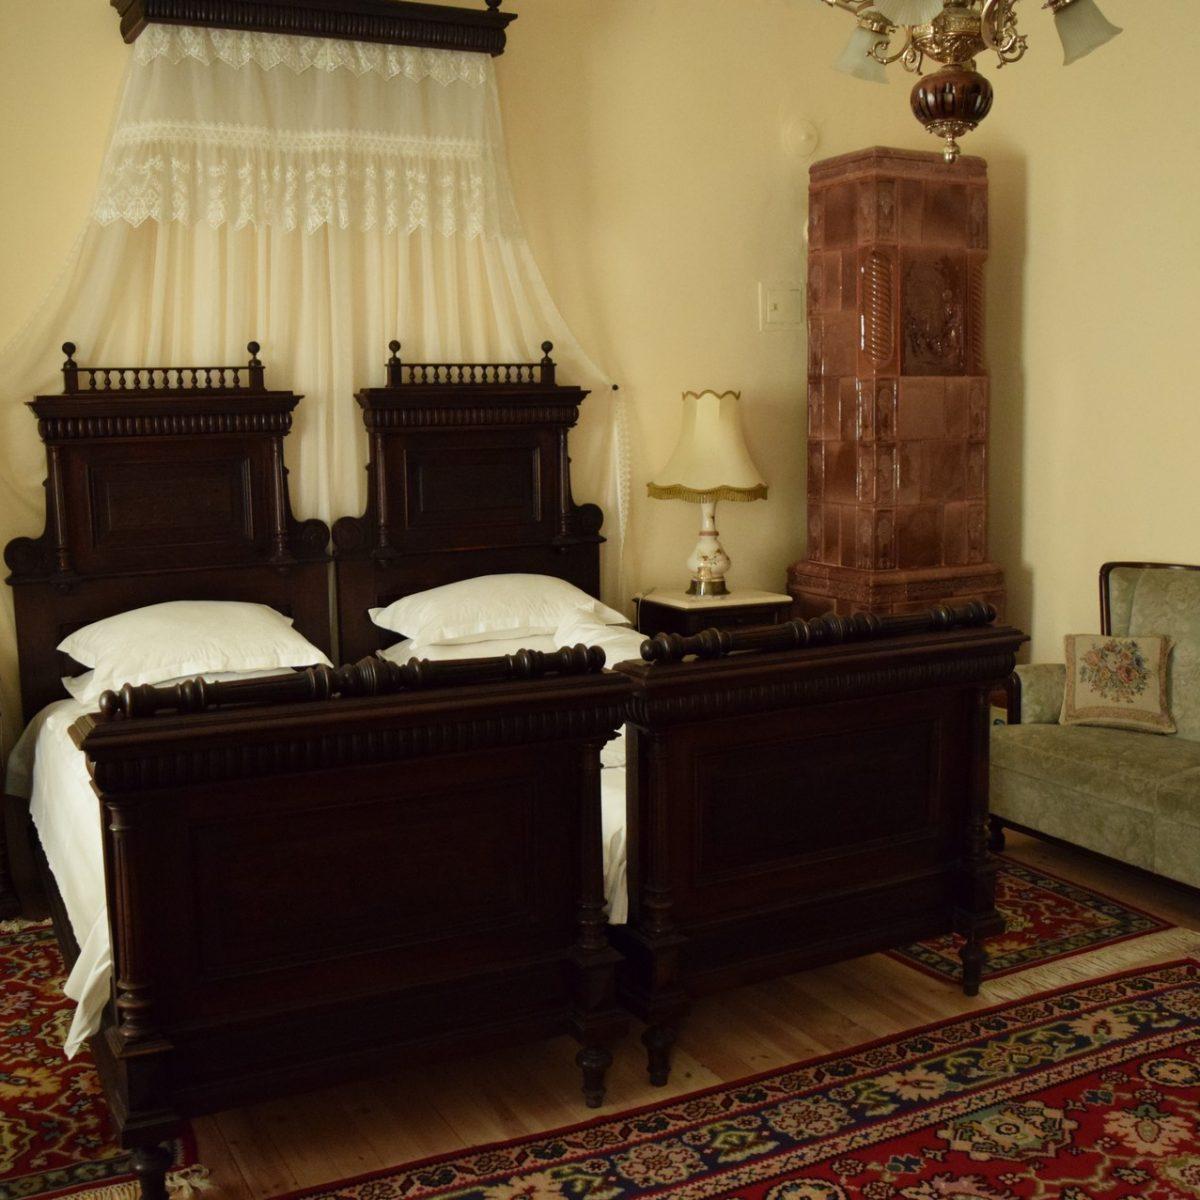 Chambre - Retro 19th Century